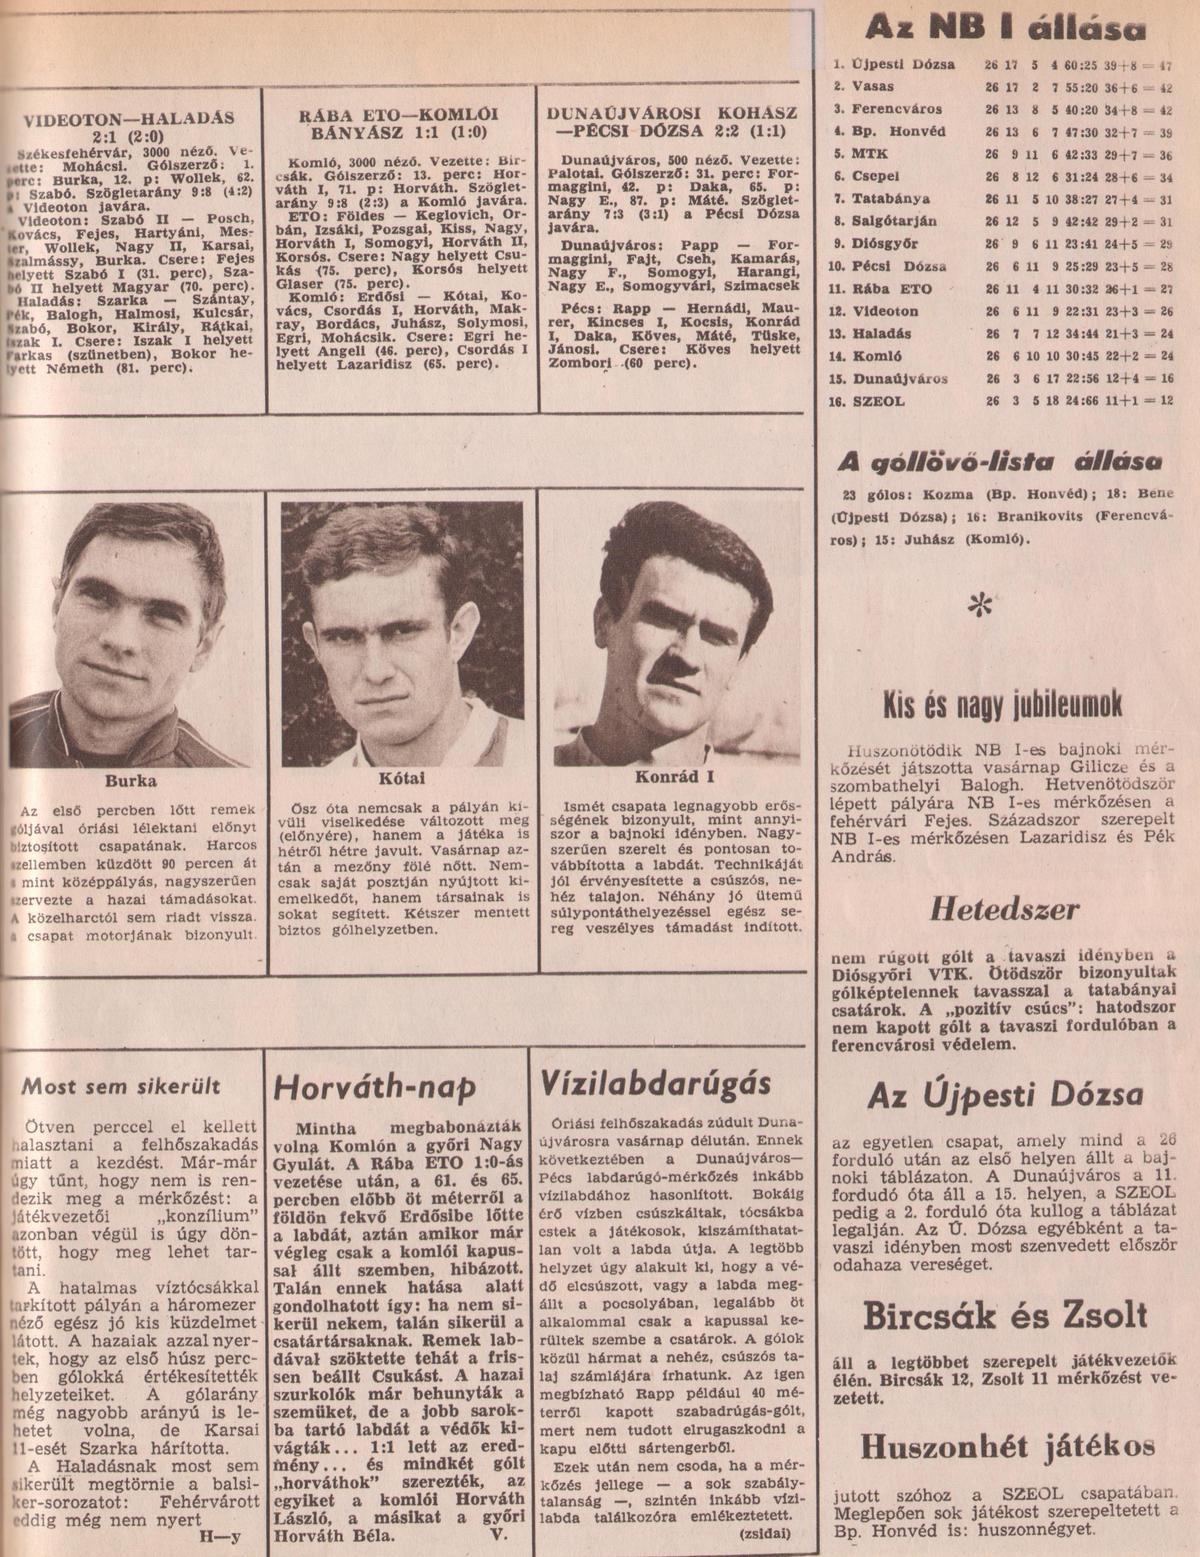 KS_pótlás_1971_I_ - 0015-19710529